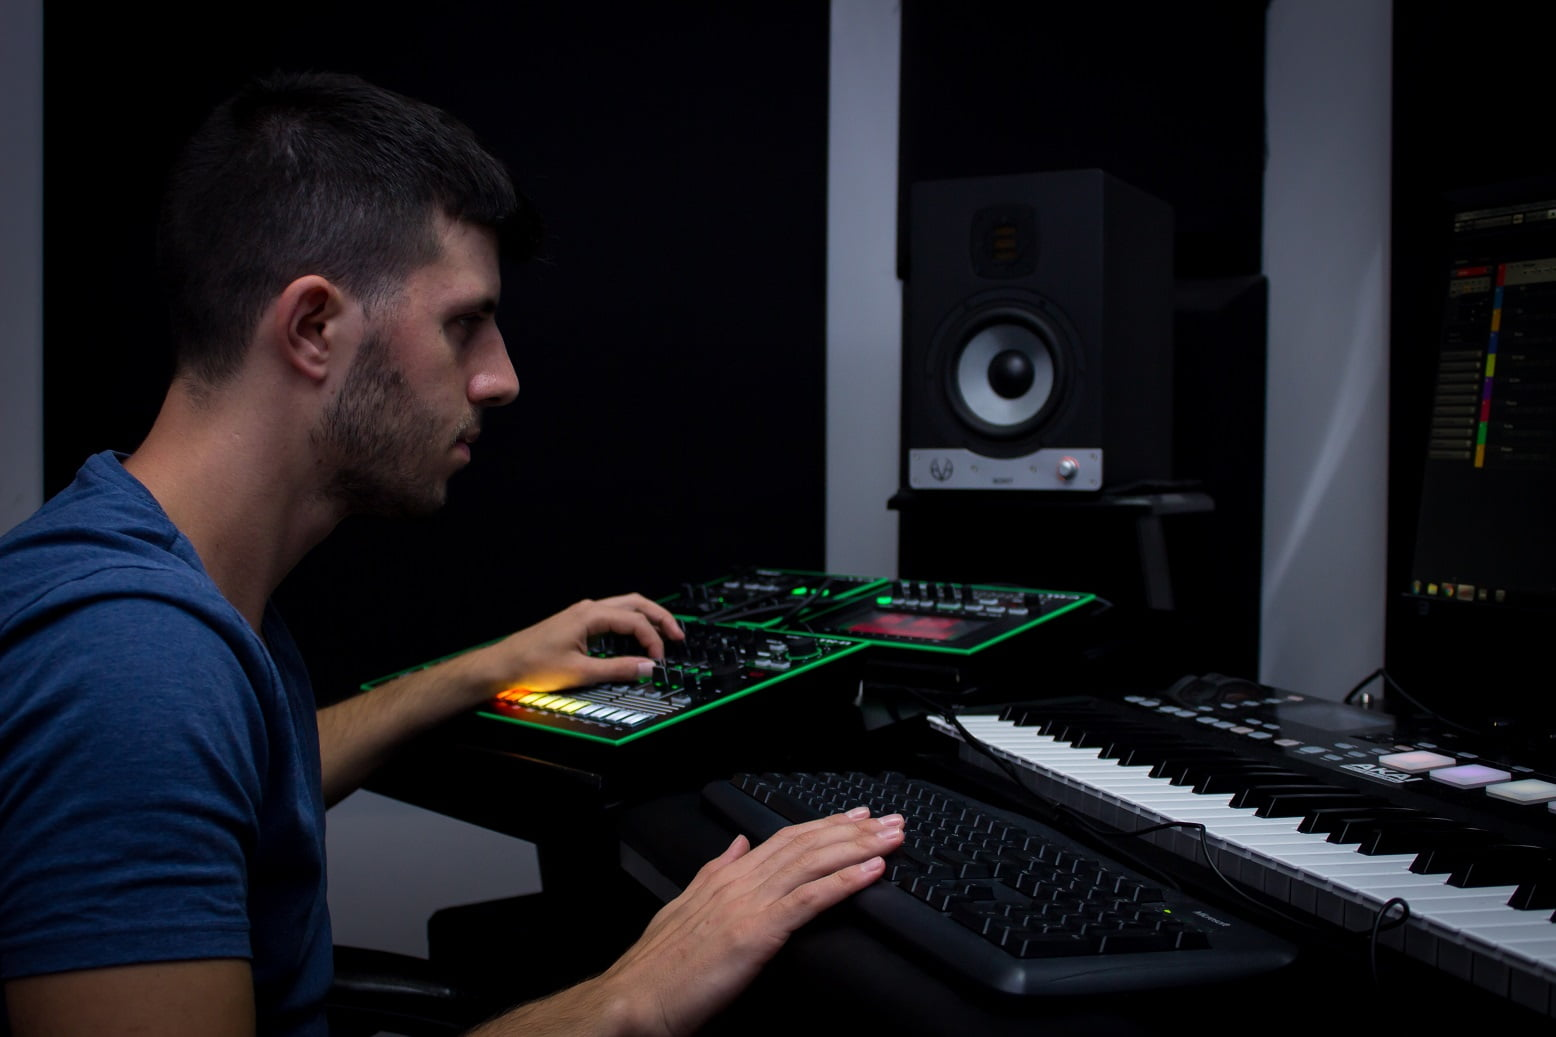 הפקת מוסיקה למשחקים – מאור שבו, בוגר BPM, יוצר פסקול למשחק TOT's